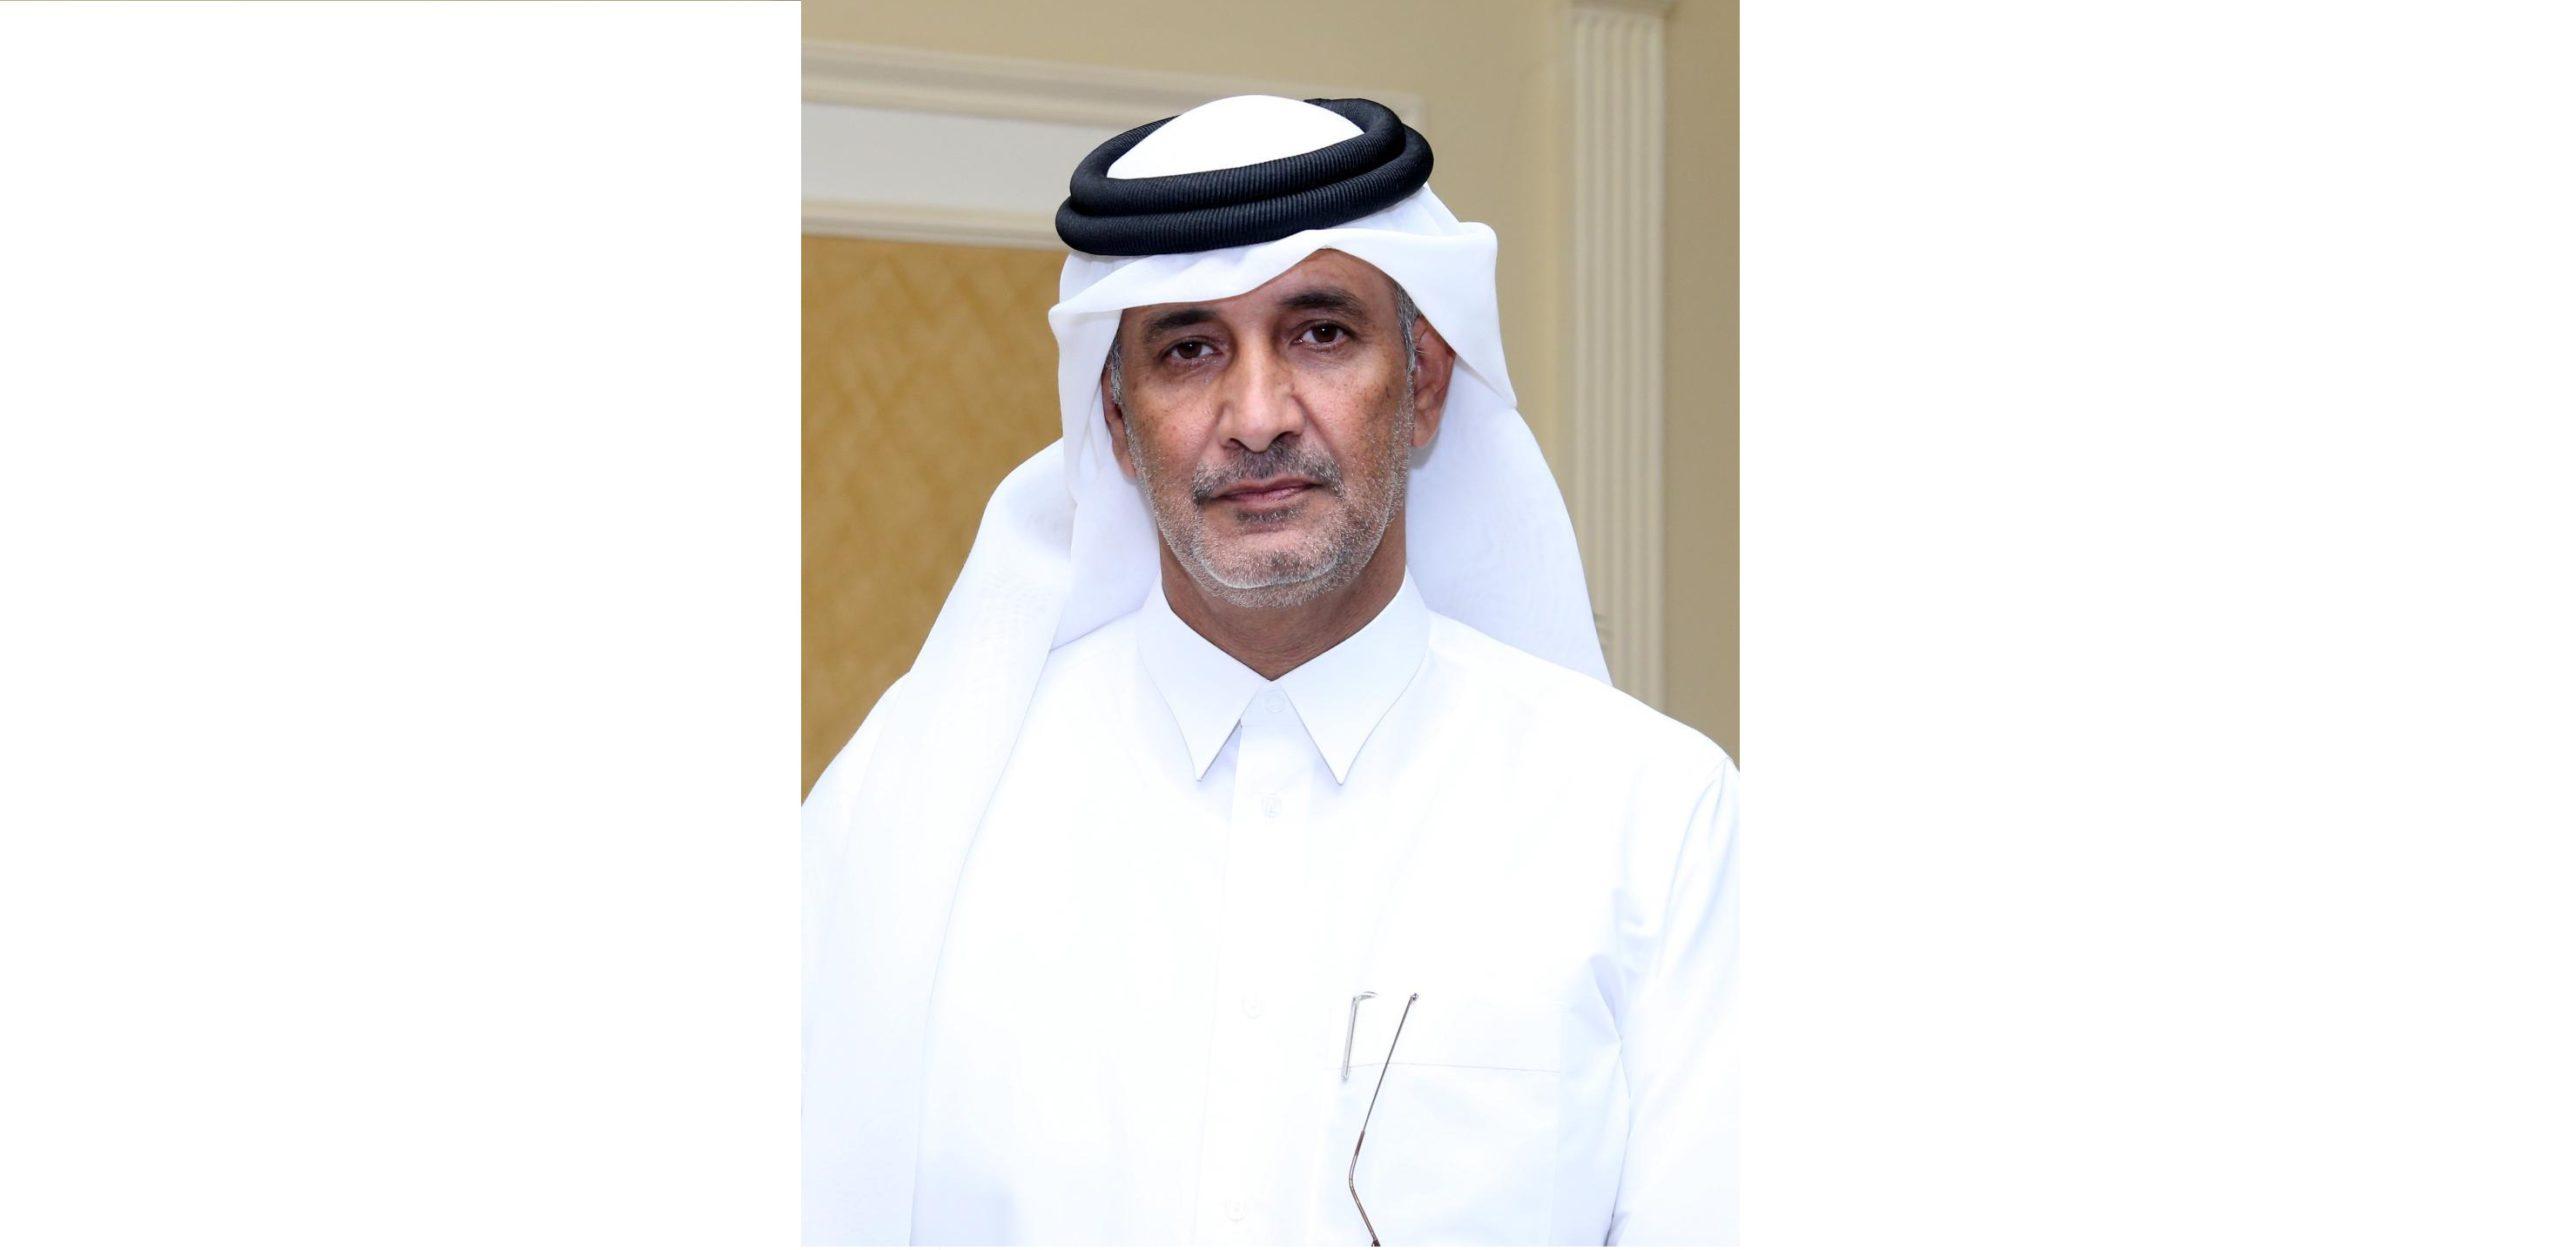 عبدالله الكواري: تنوع الفائزين بالرموز دليل على قوة المنافسة ونجاح المهرجان